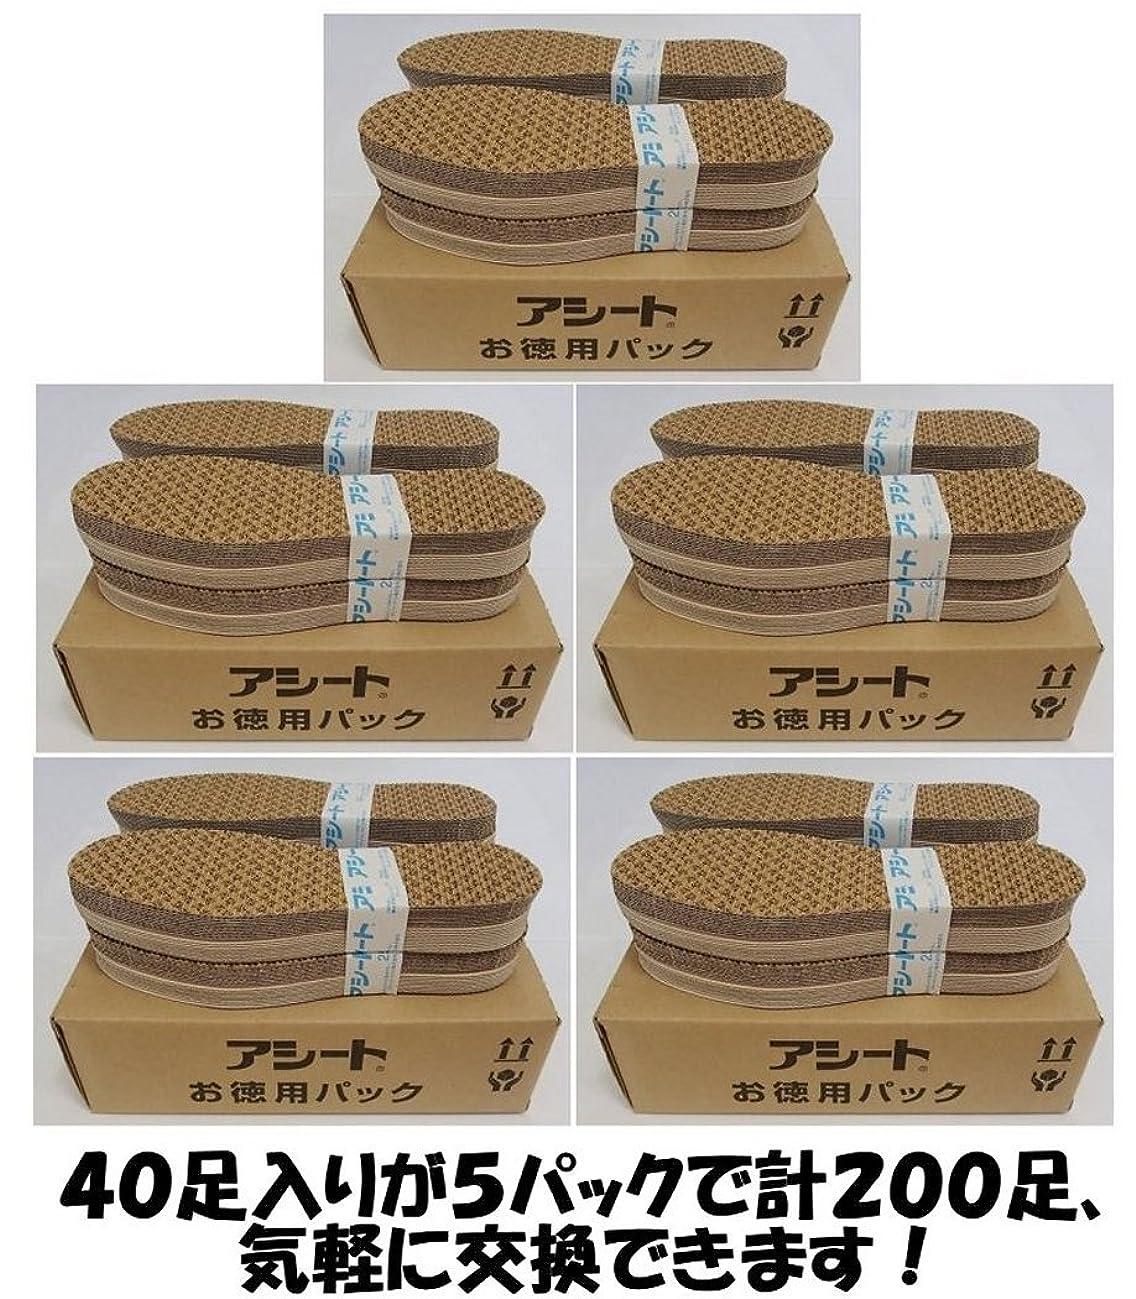 闘争真っ逆さま長方形アシートOタイプお徳用パック200足入り (27.5~28cm 男性靴用)